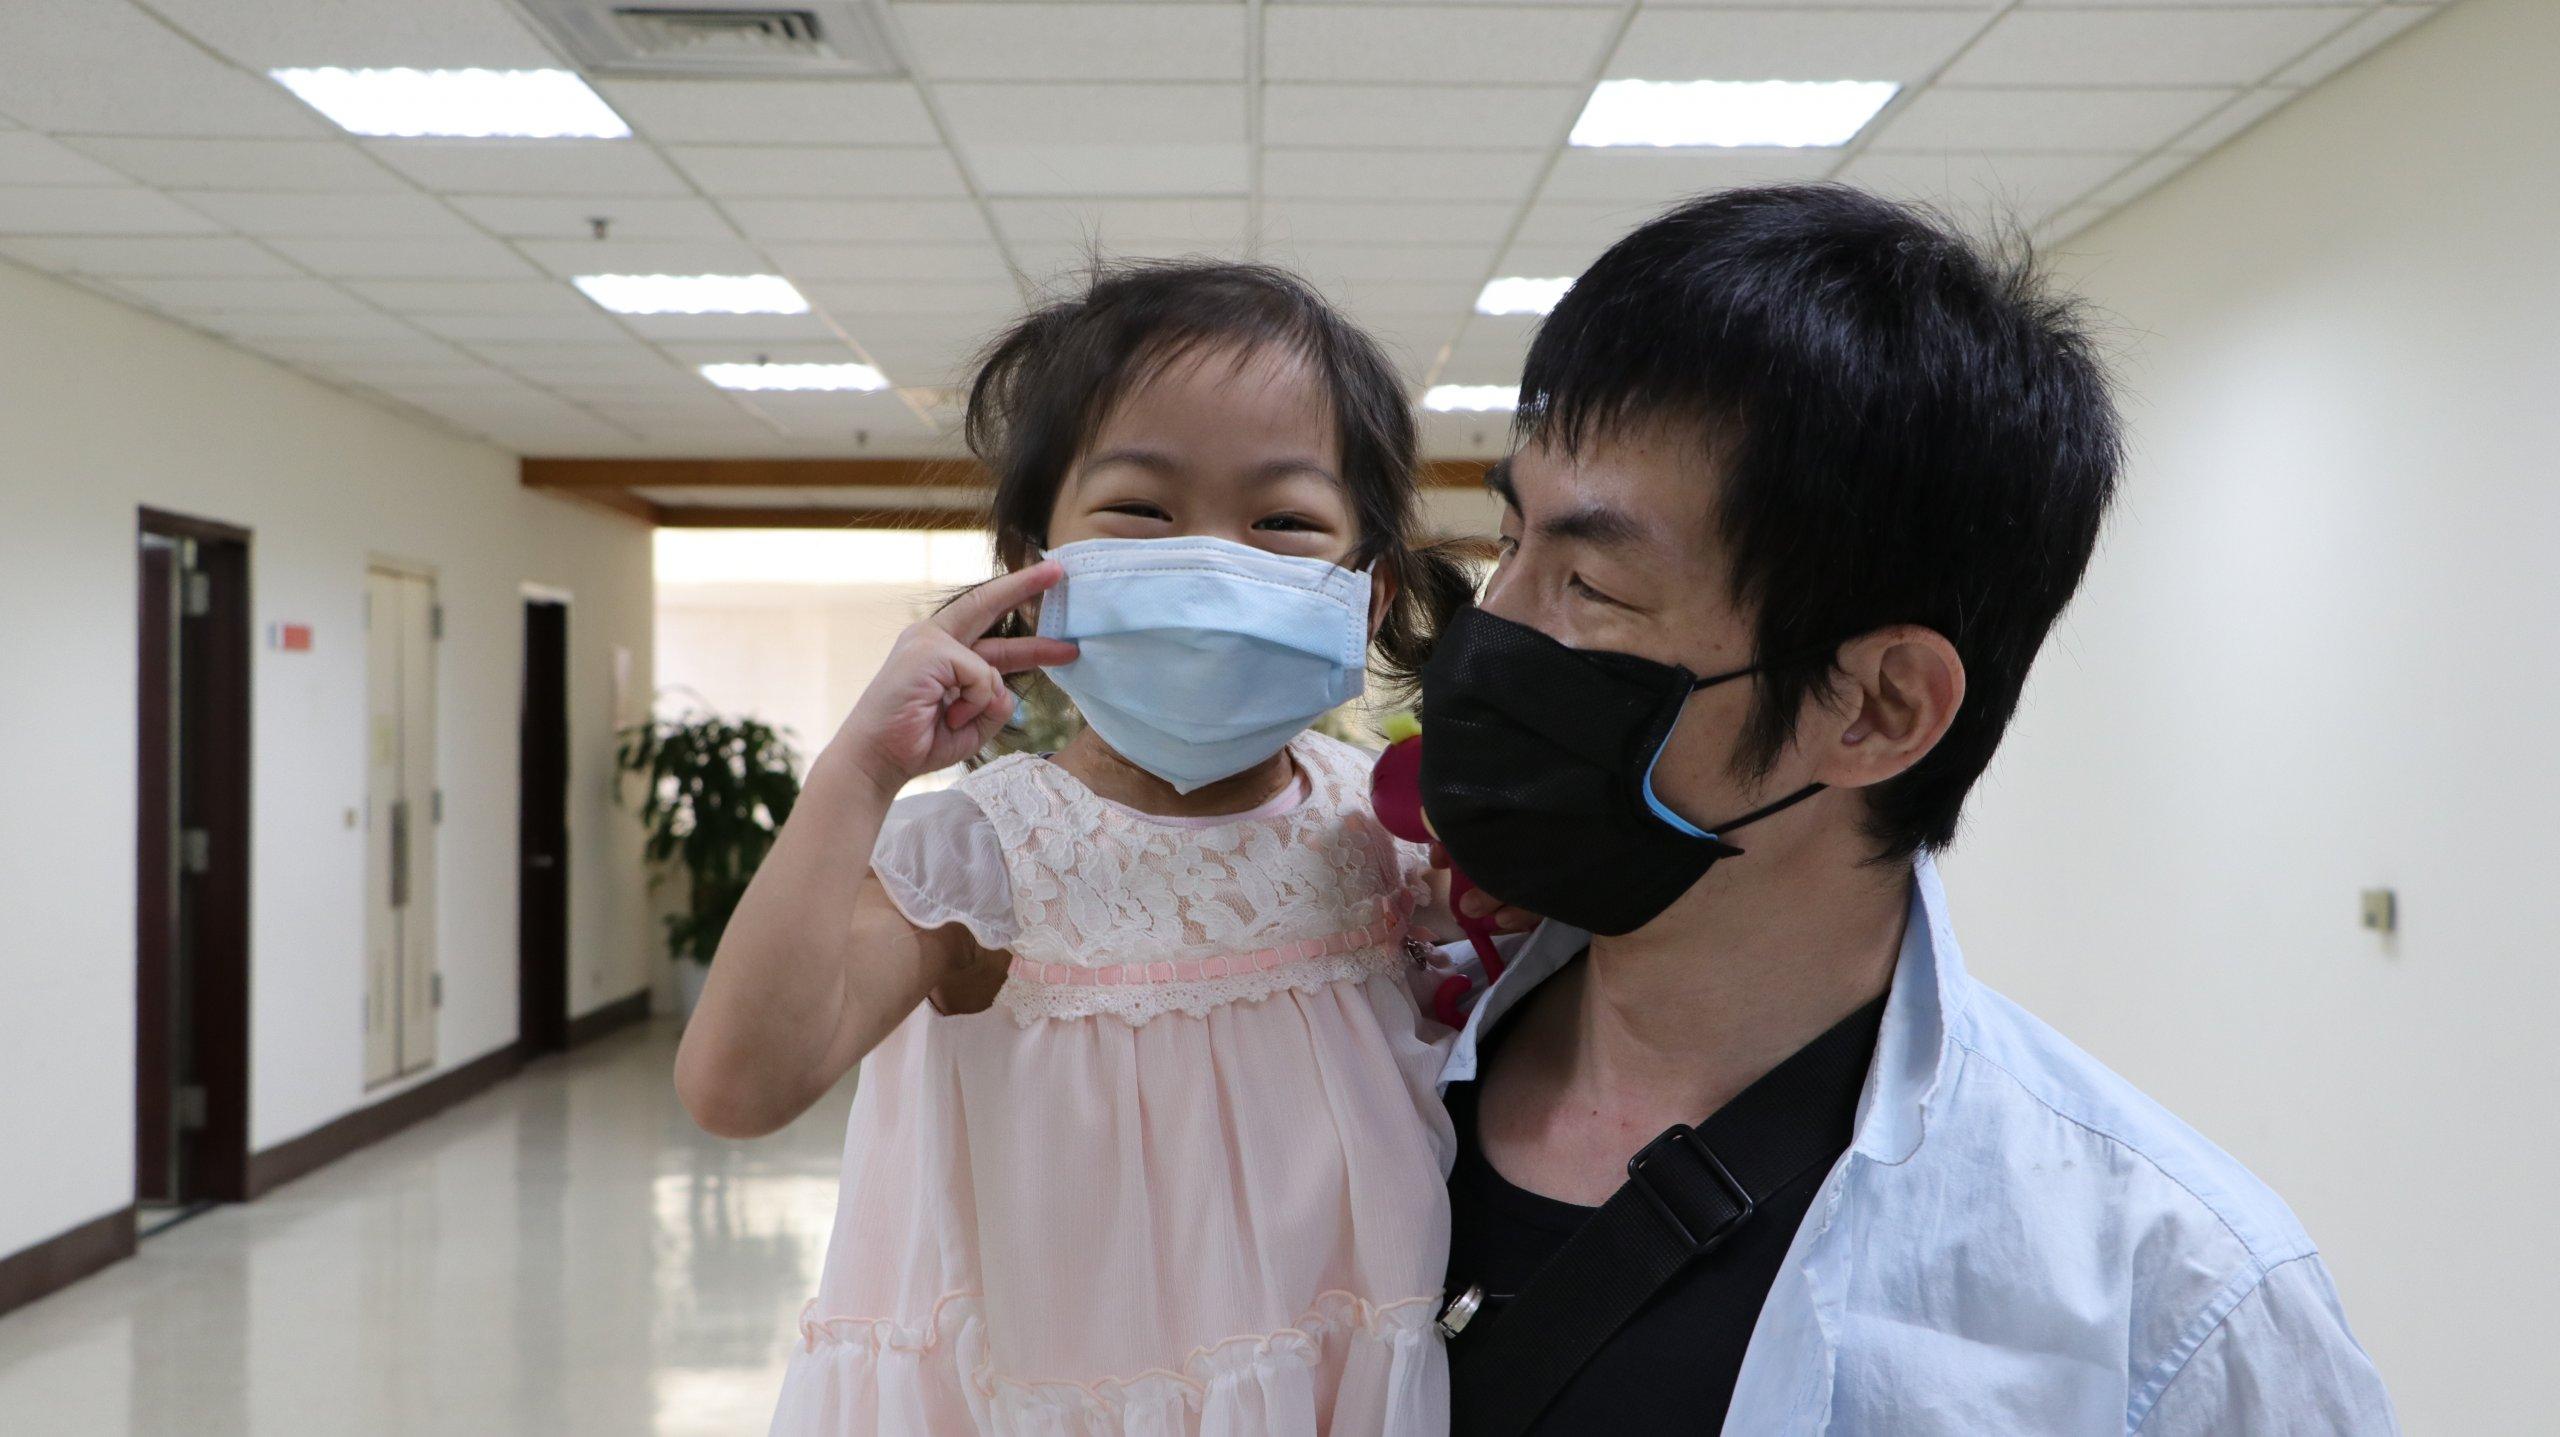 我們也希望能平安健康的長大!幼兒大愛捐腎 二童重獲「腎」利人生